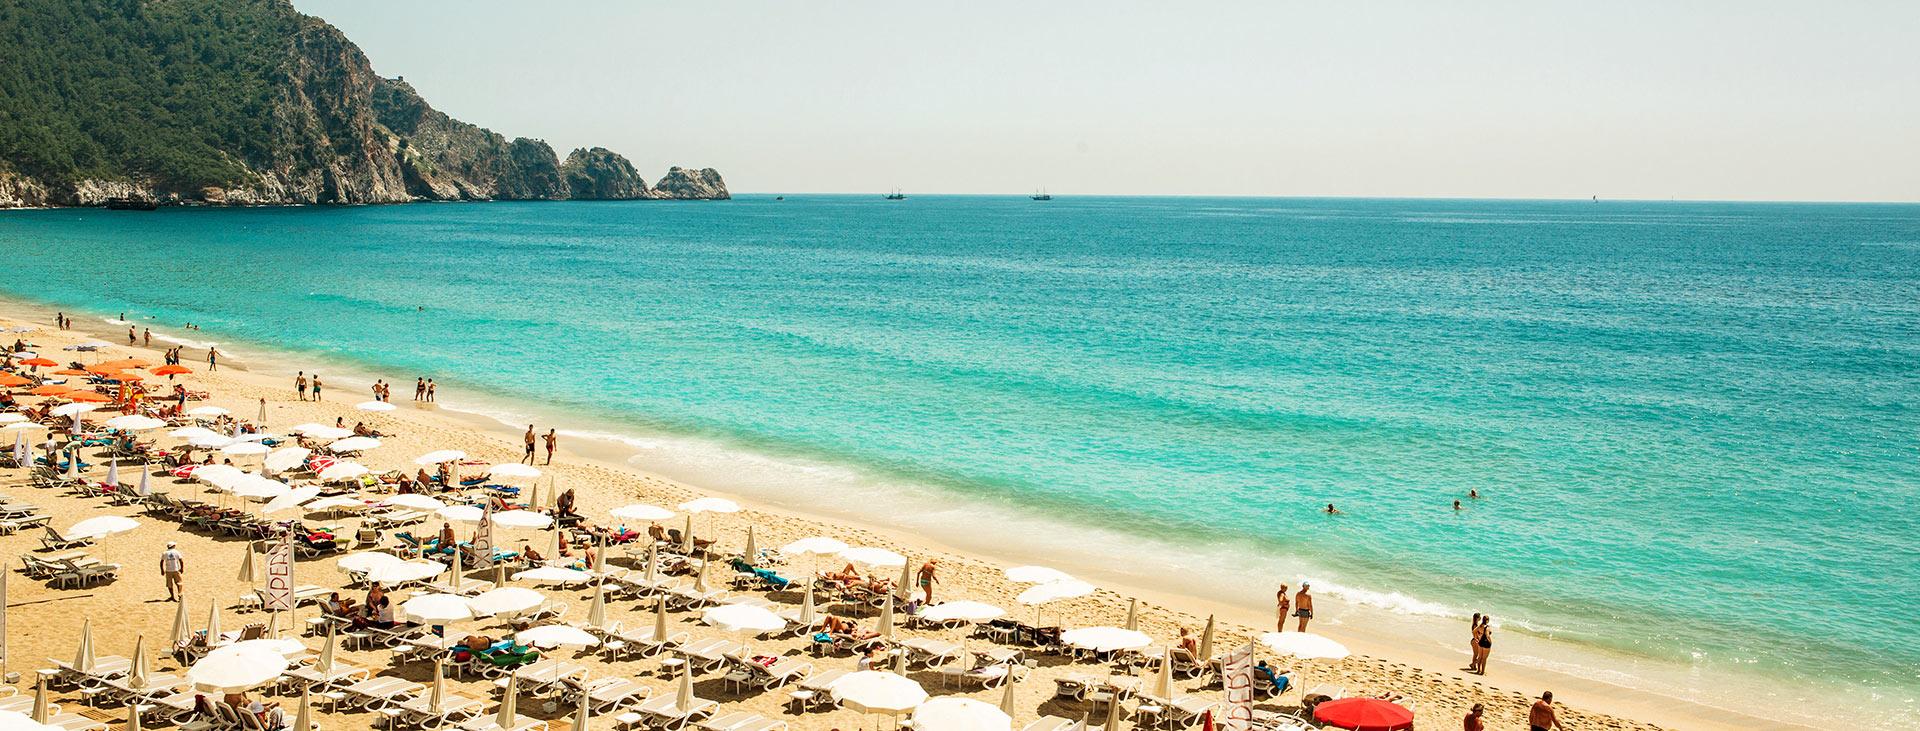 Sunprime Alanya Beach, Alanya, Antalya-området, Turkiet